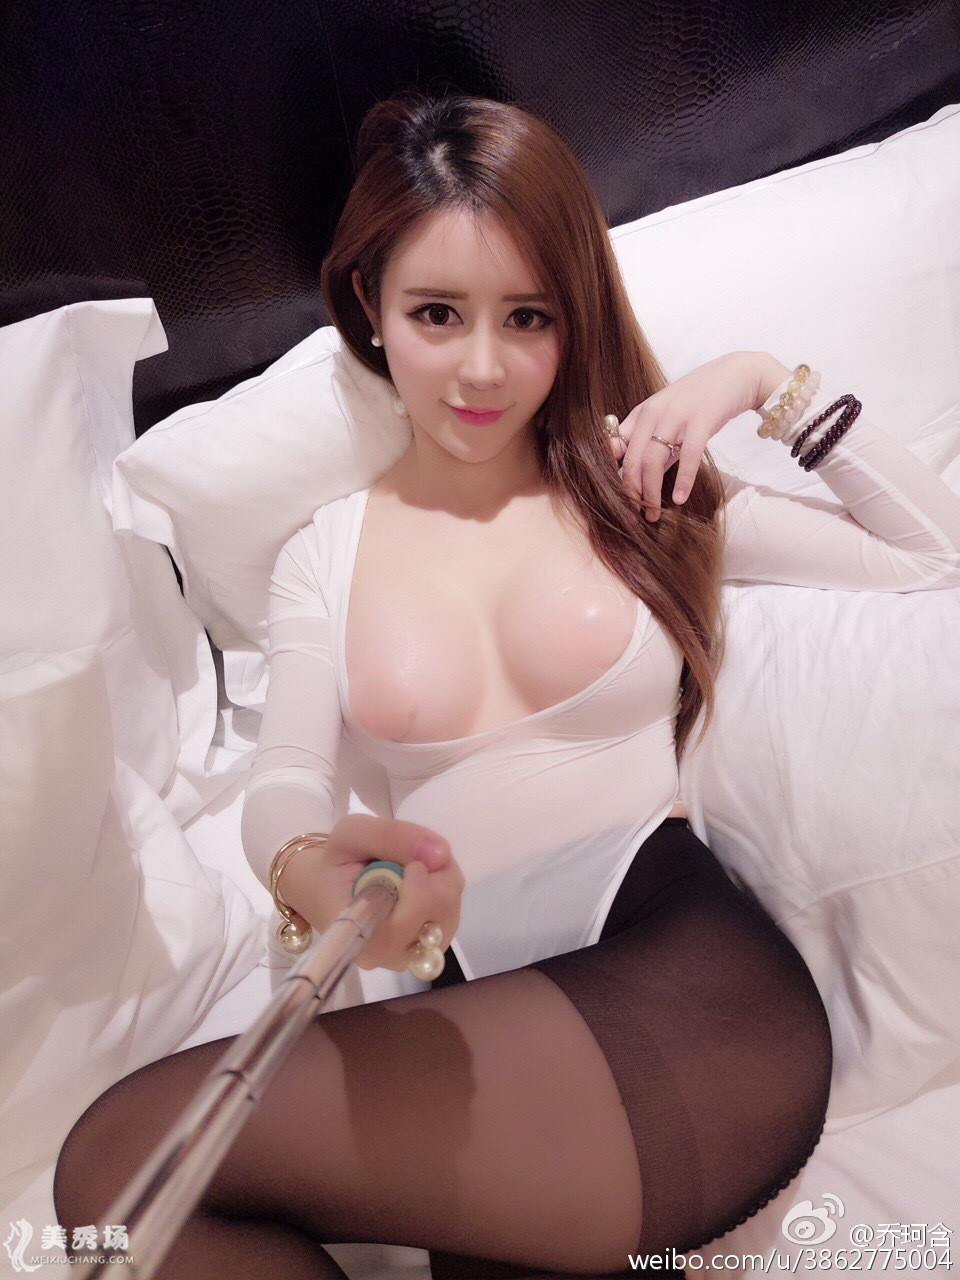 乔珂含2016.2.27微博:酒店里白色情趣连体衣乳贴黑丝诱惑